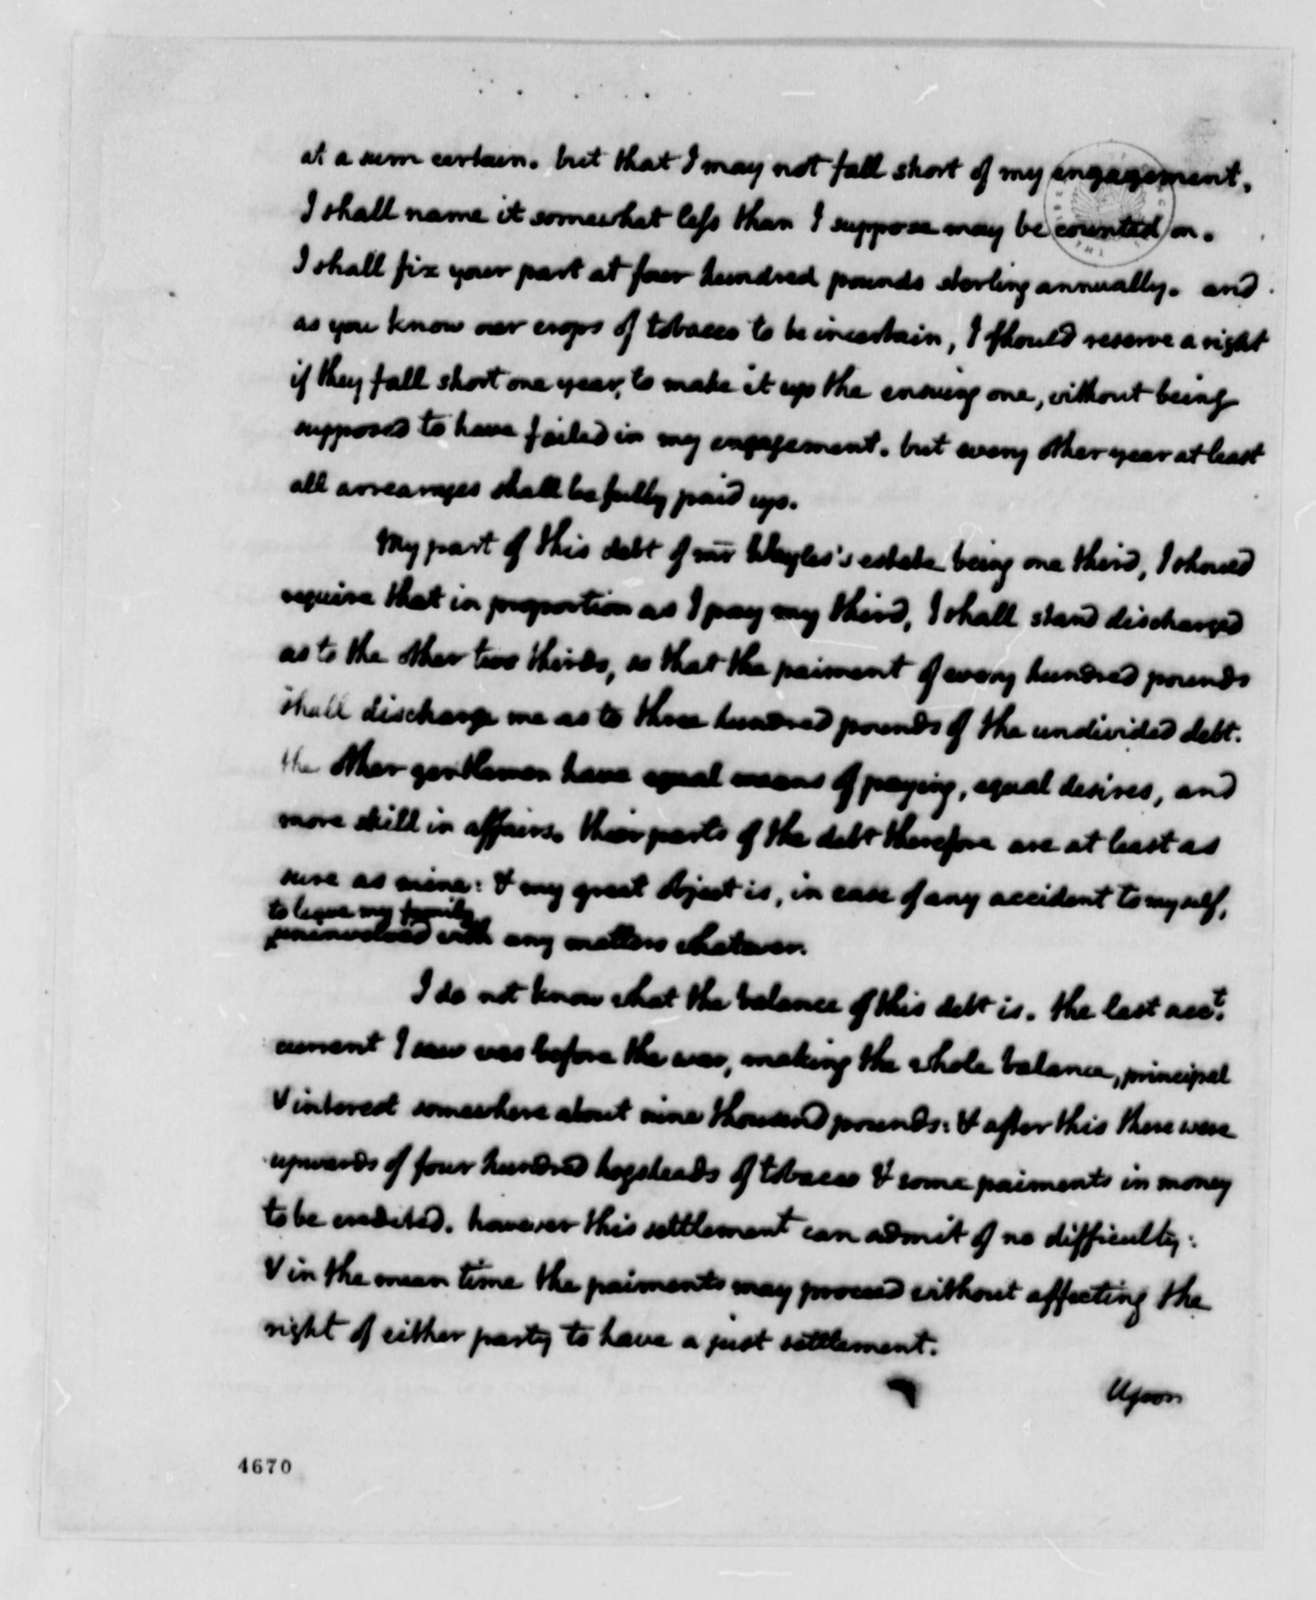 Thomas Jefferson to William Jones, January 5, 1787